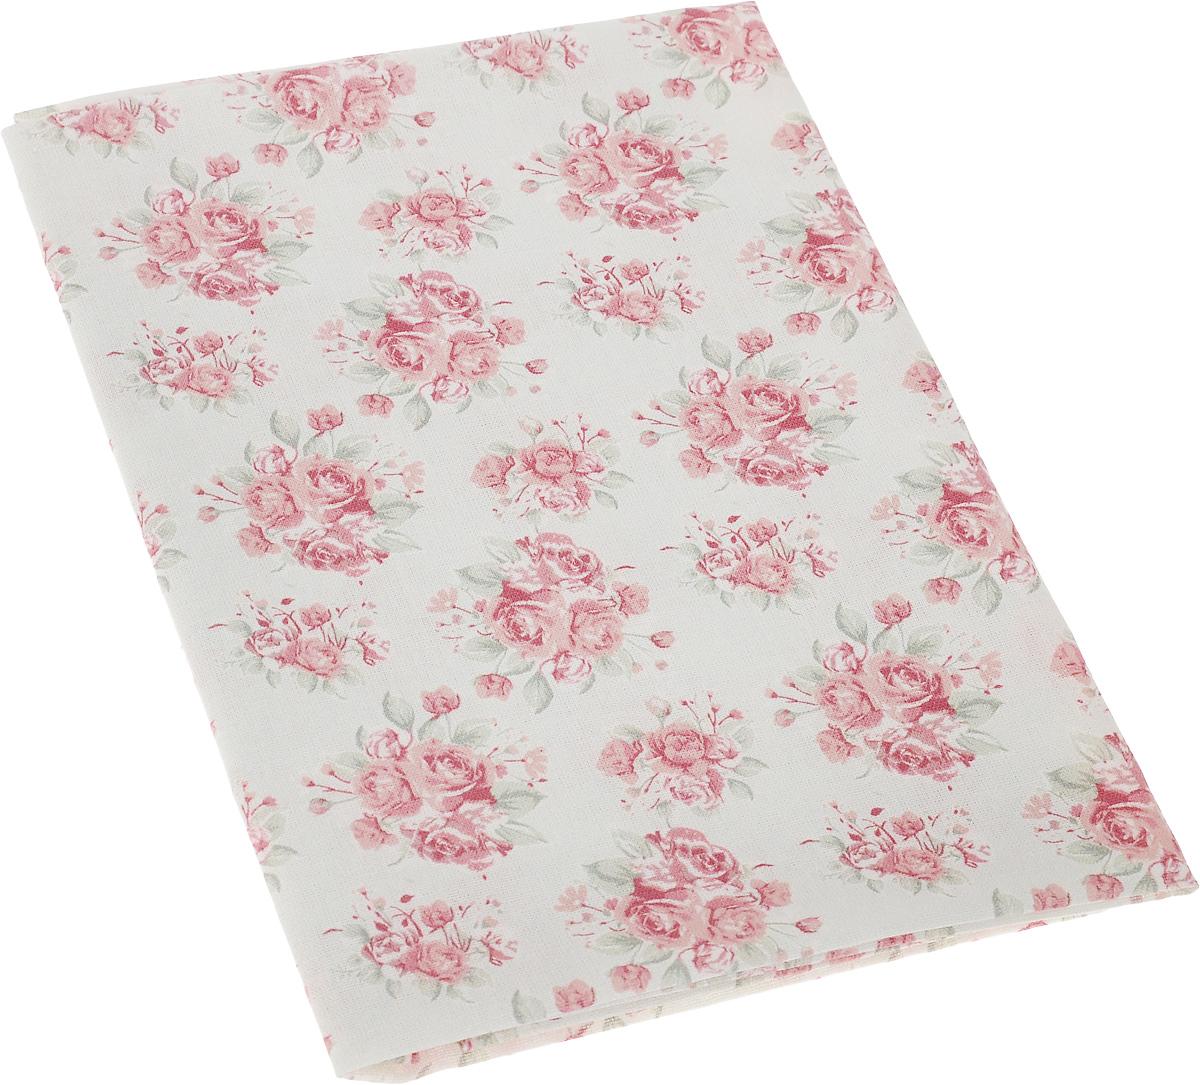 Ткань для пэчворка Артмикс Розы, клетка и листочки, цвет: молочный, розовый, 48 x 50 смAM571008Ткань Артмикс Розы, клетка и листочки, изготовленная из 100% хлопка, предназначена для пошива одеял, покрывал, сумок, аппликаций и прочих изделий в технике пэчворк. Также подходит для пошива кукол, аксессуаров и одежды.Пэчворк - это вид рукоделия, при котором по принципу мозаики сшивается цельное изделие из кусочков ткани (лоскутков). Плотность ткани: 120 г/м2.УВАЖАЕМЫЕ КЛИЕНТЫ!Обращаем ваше внимание, на тот факт, что размер отреза может отличаться на 1-2 см.